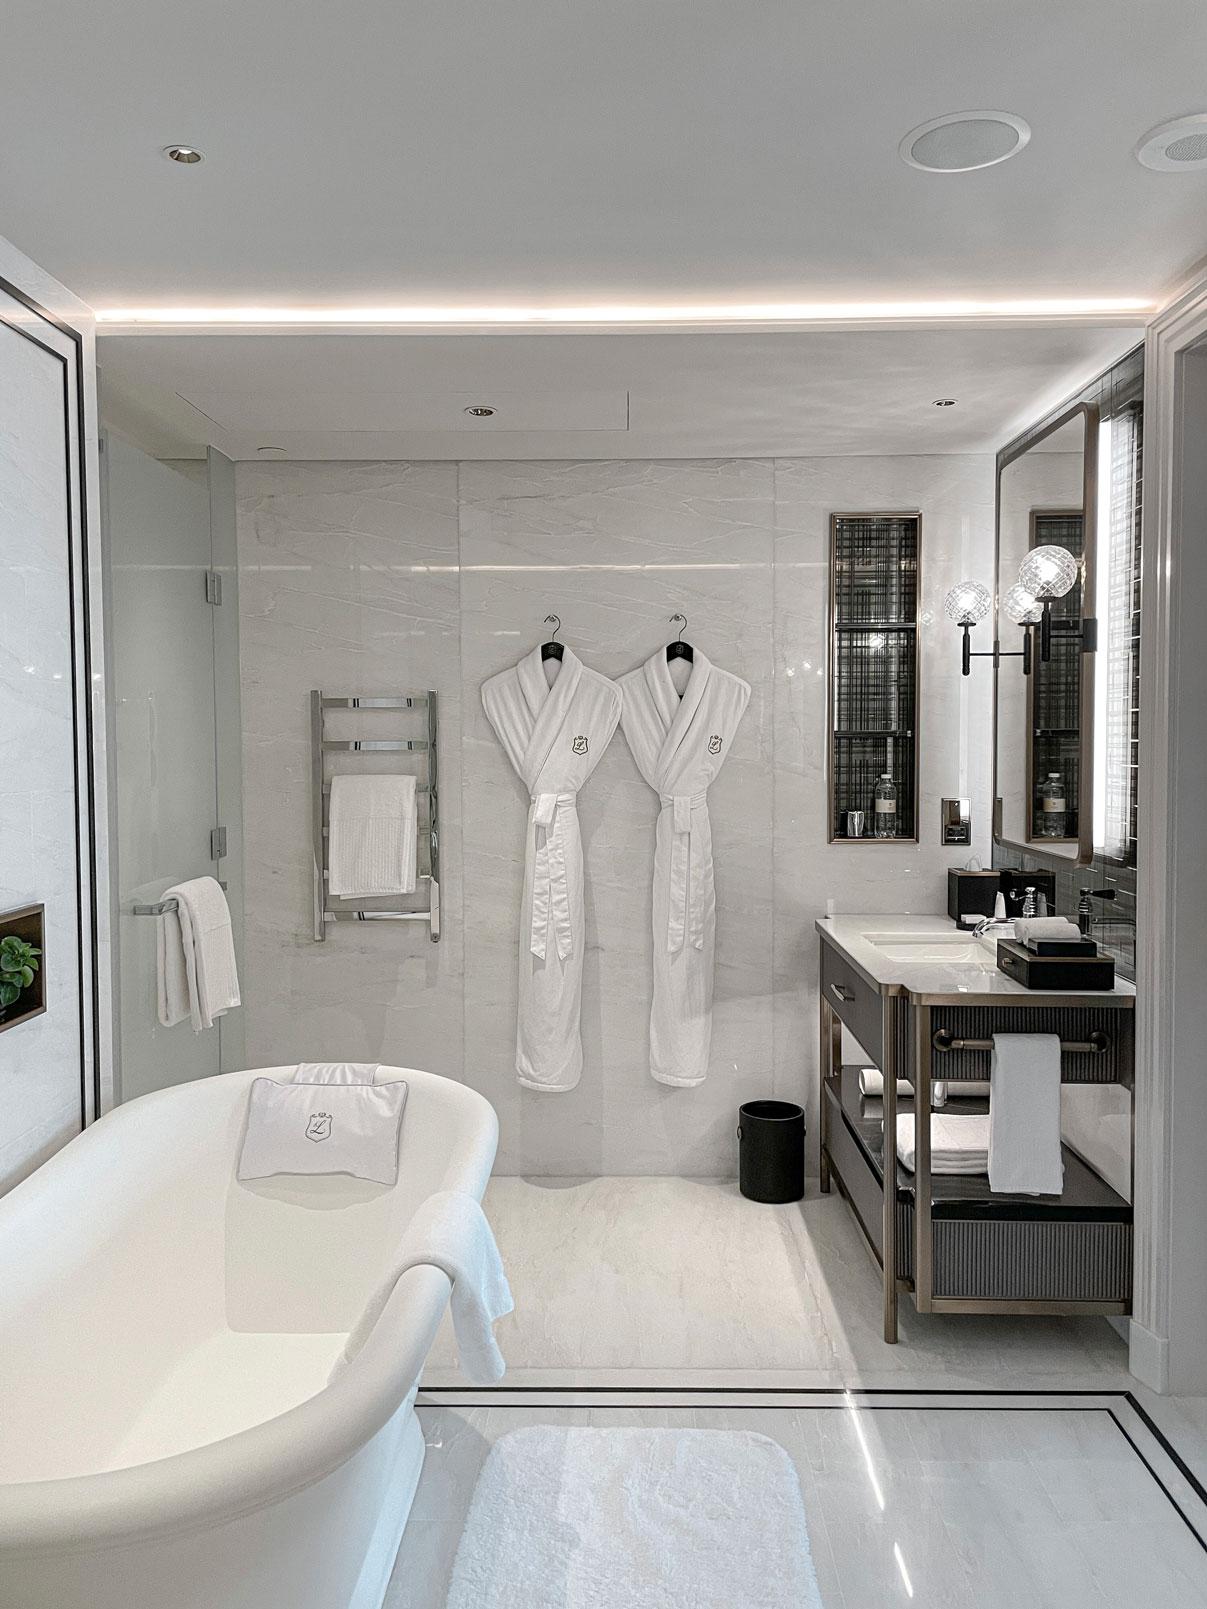 維多利亞格浴缸